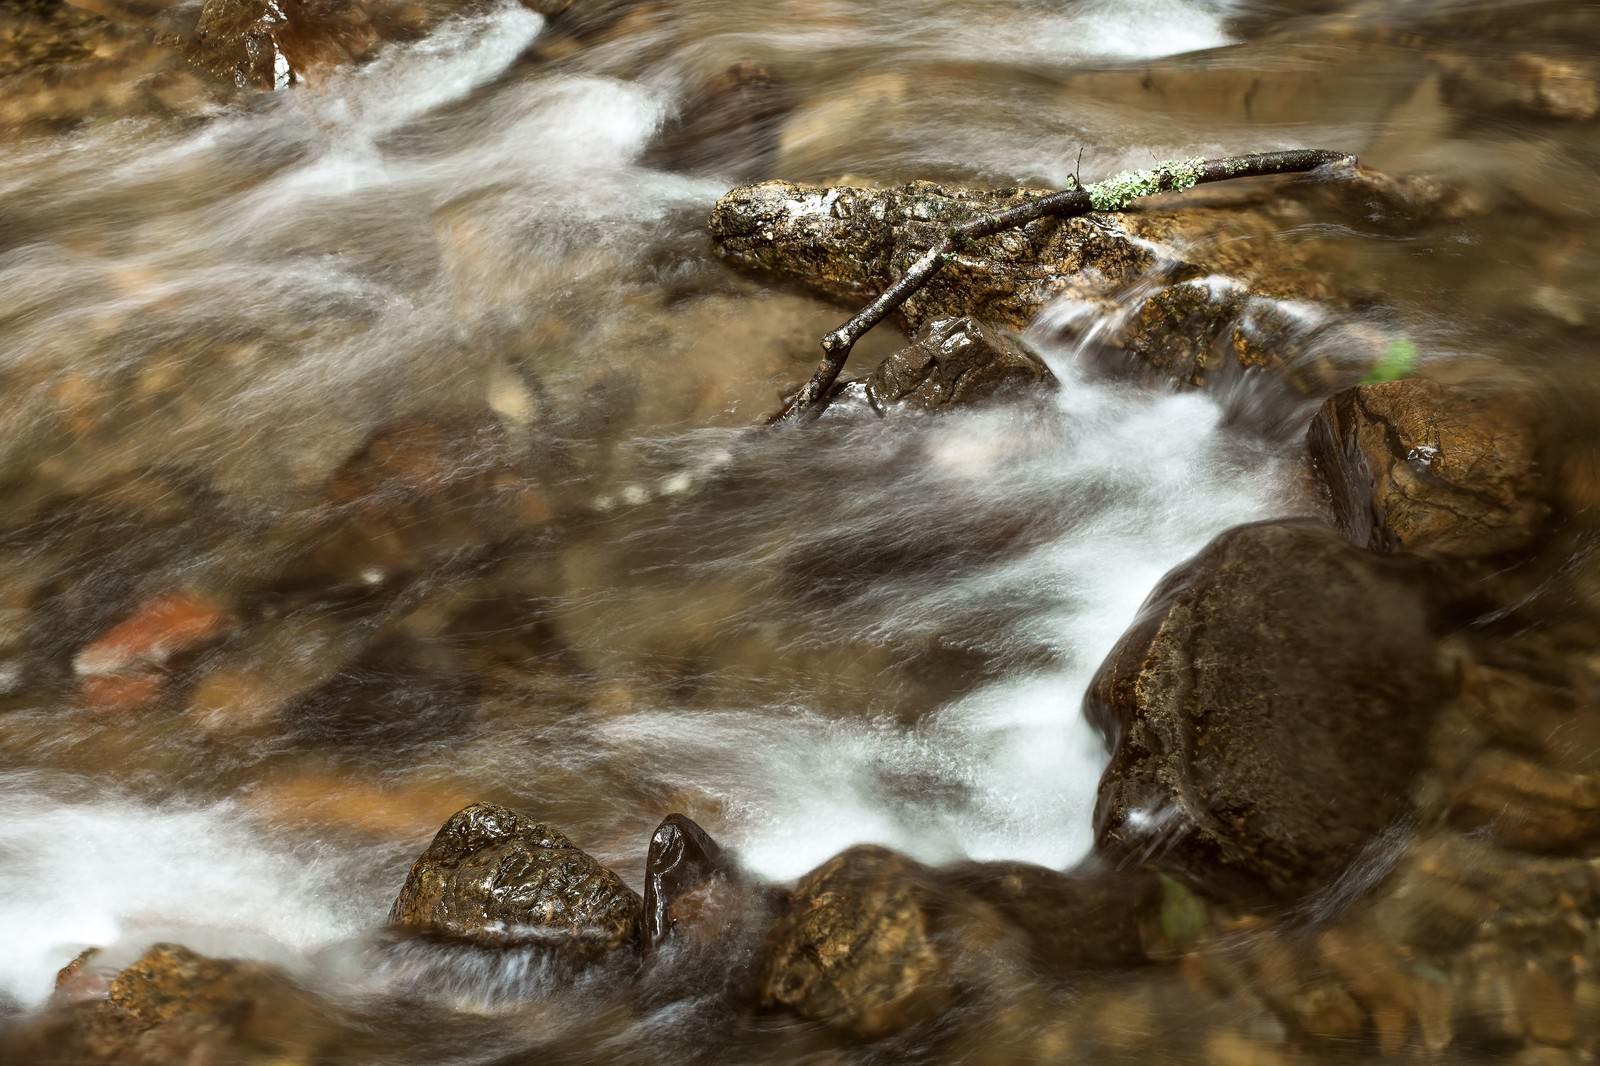 「小川の流れ」の写真